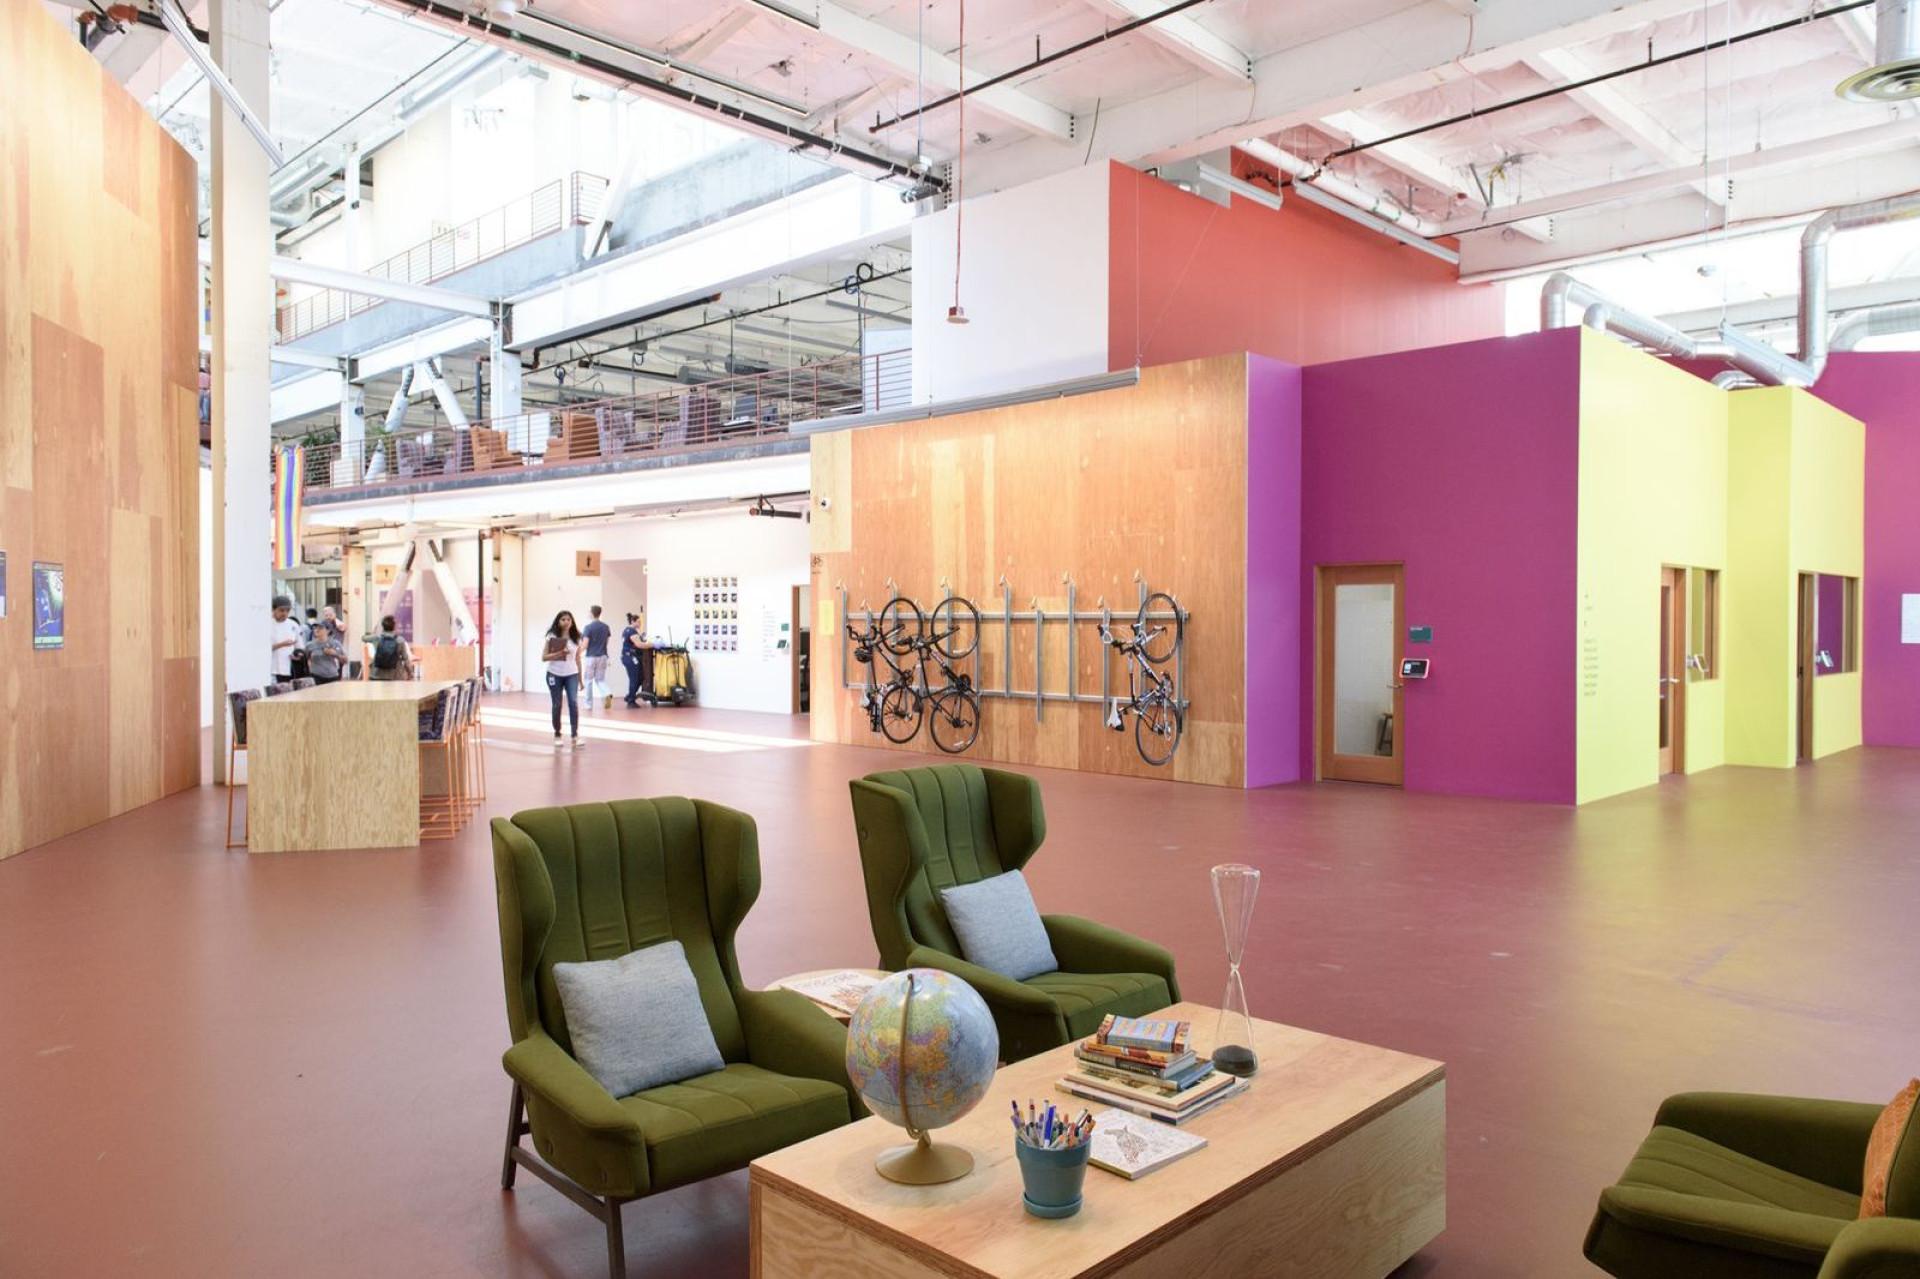 Conheça a nova sede do Facebook na Califórnia